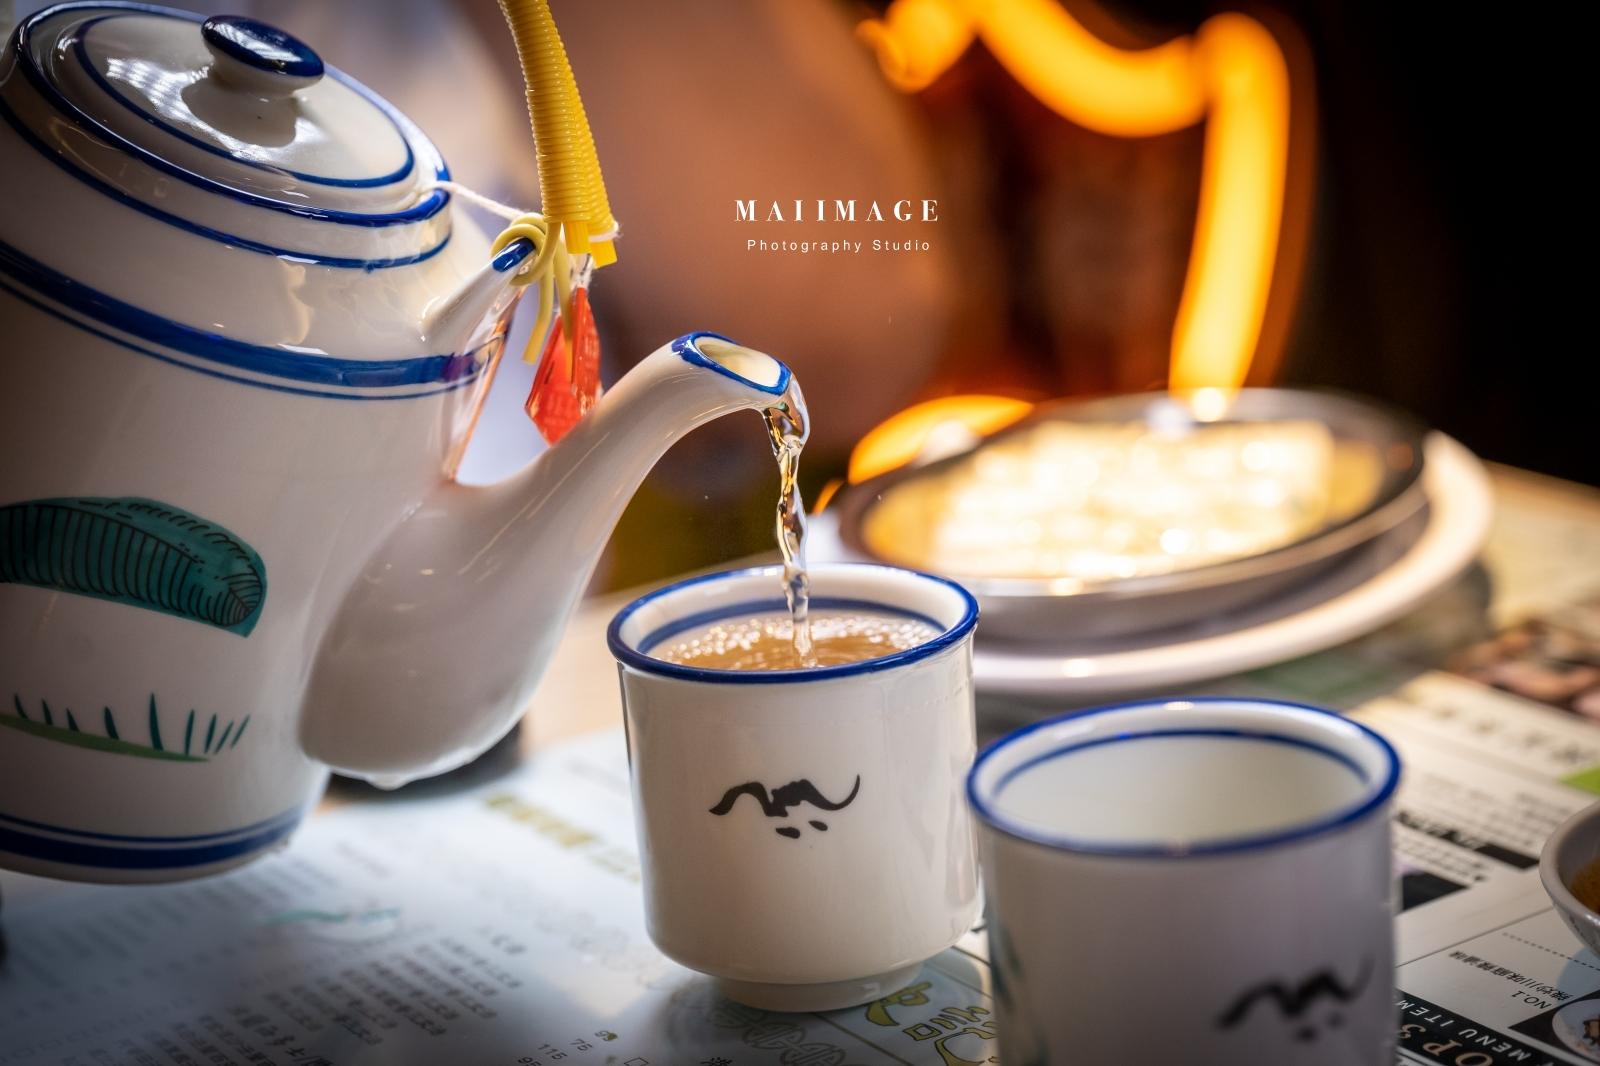 重現香港懷舊經典茶餐廳。台北東區新地標『波記茶點心』,沒吃過波記別說你是港點控|台北港式茶餐廳始祖|捷運國父紀念館站美食